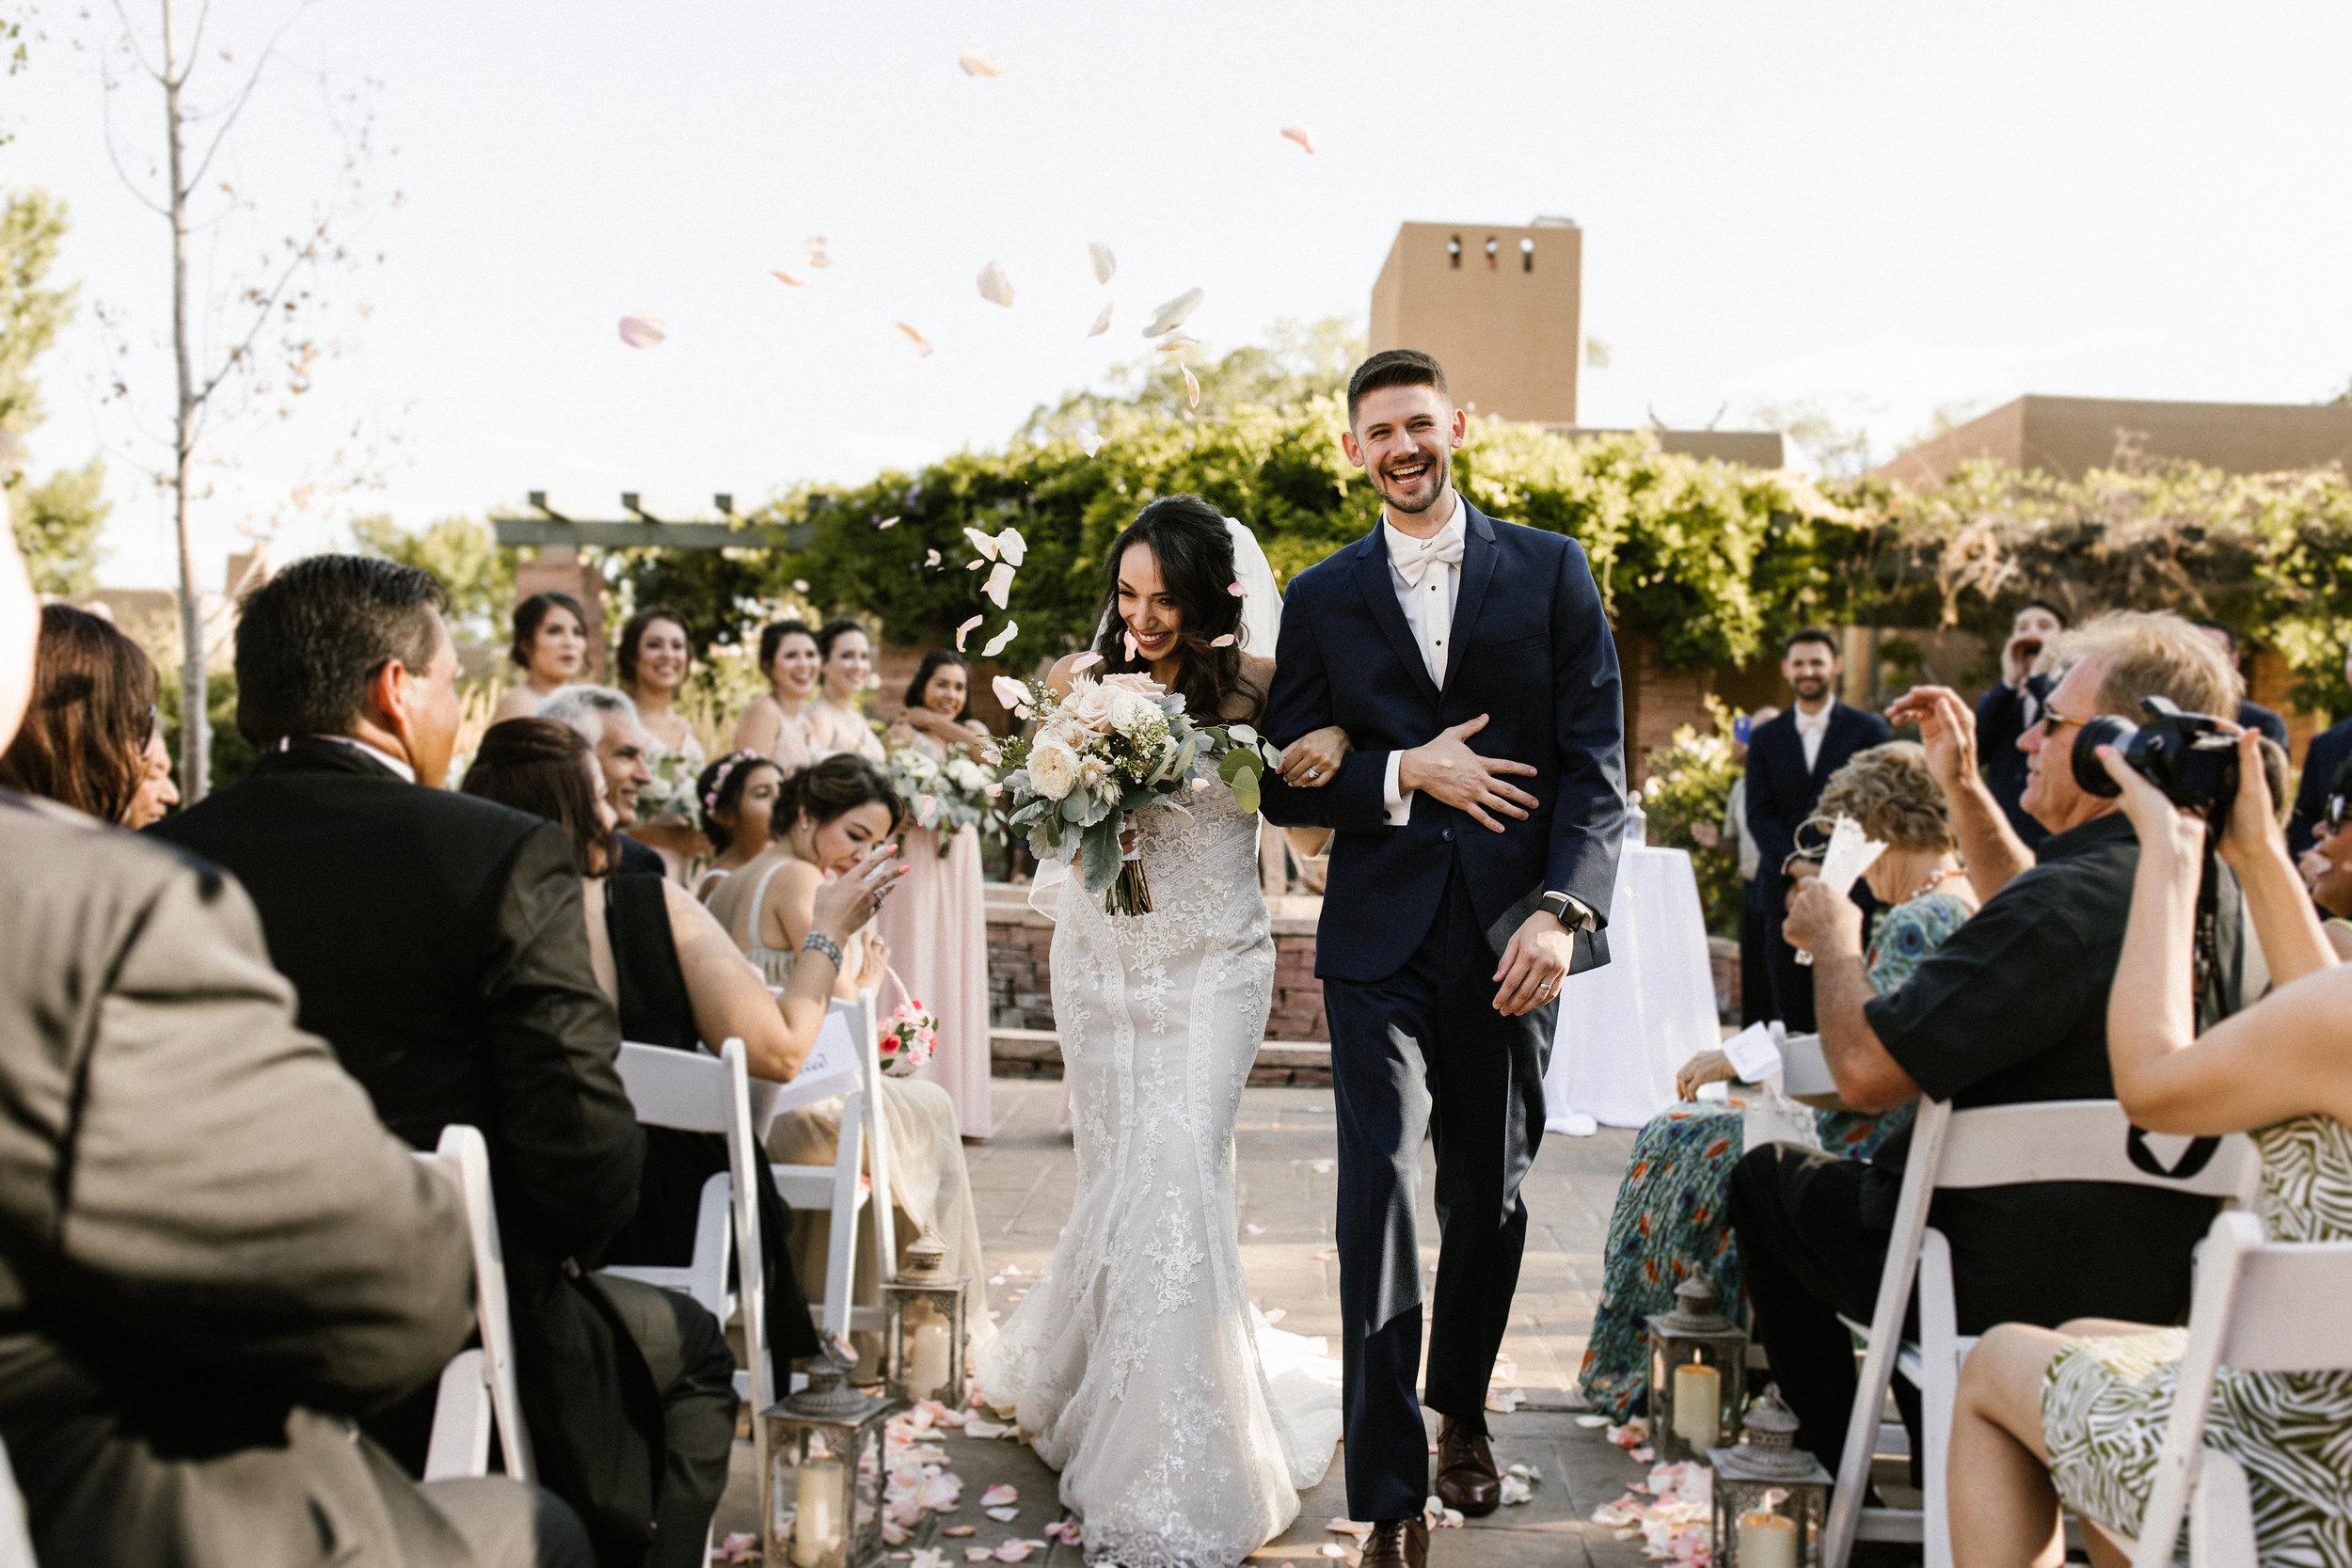 June & Kyle | Wedding | La Posada, Santa Fe